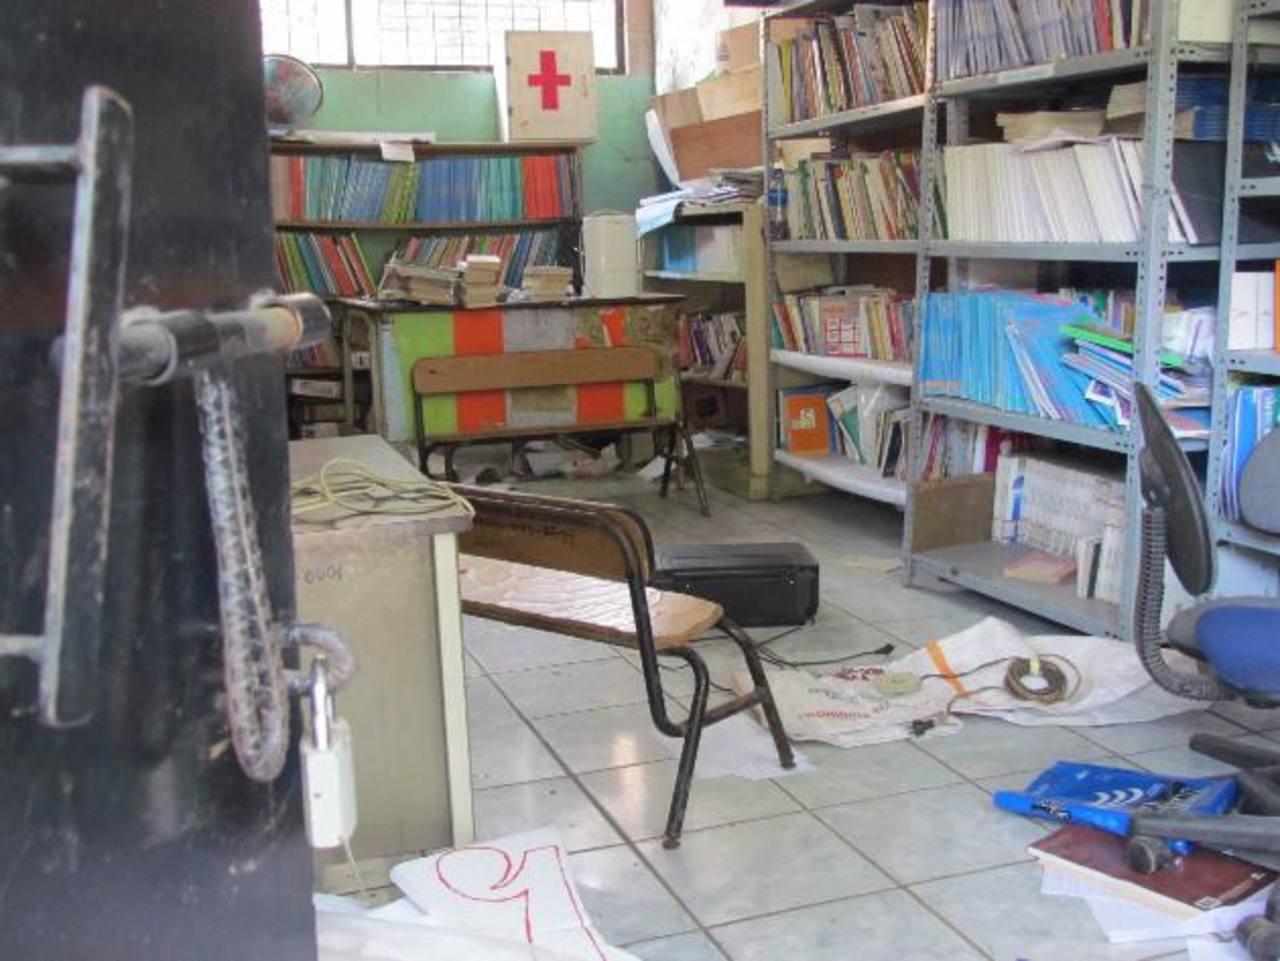 Lo hurtado supera los mil dólares, dijeron autoridades del centro escolar José Mariano Méndez. Foto EDH / Mauricio Guevara